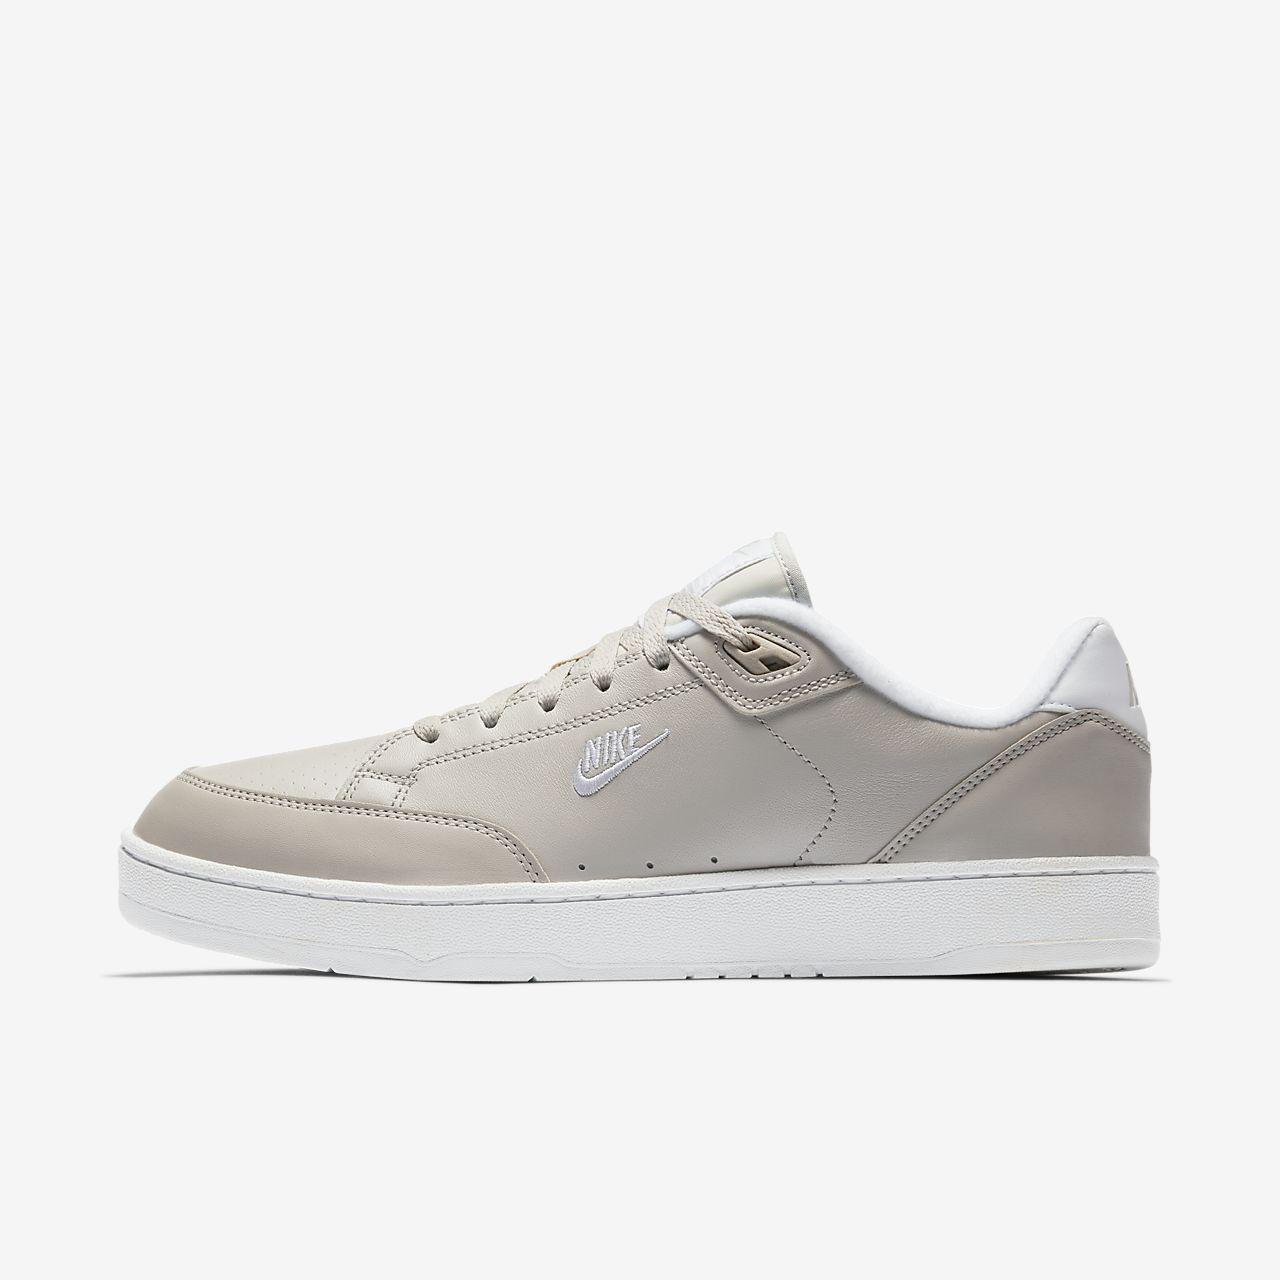 scarpe nike tn 38.5